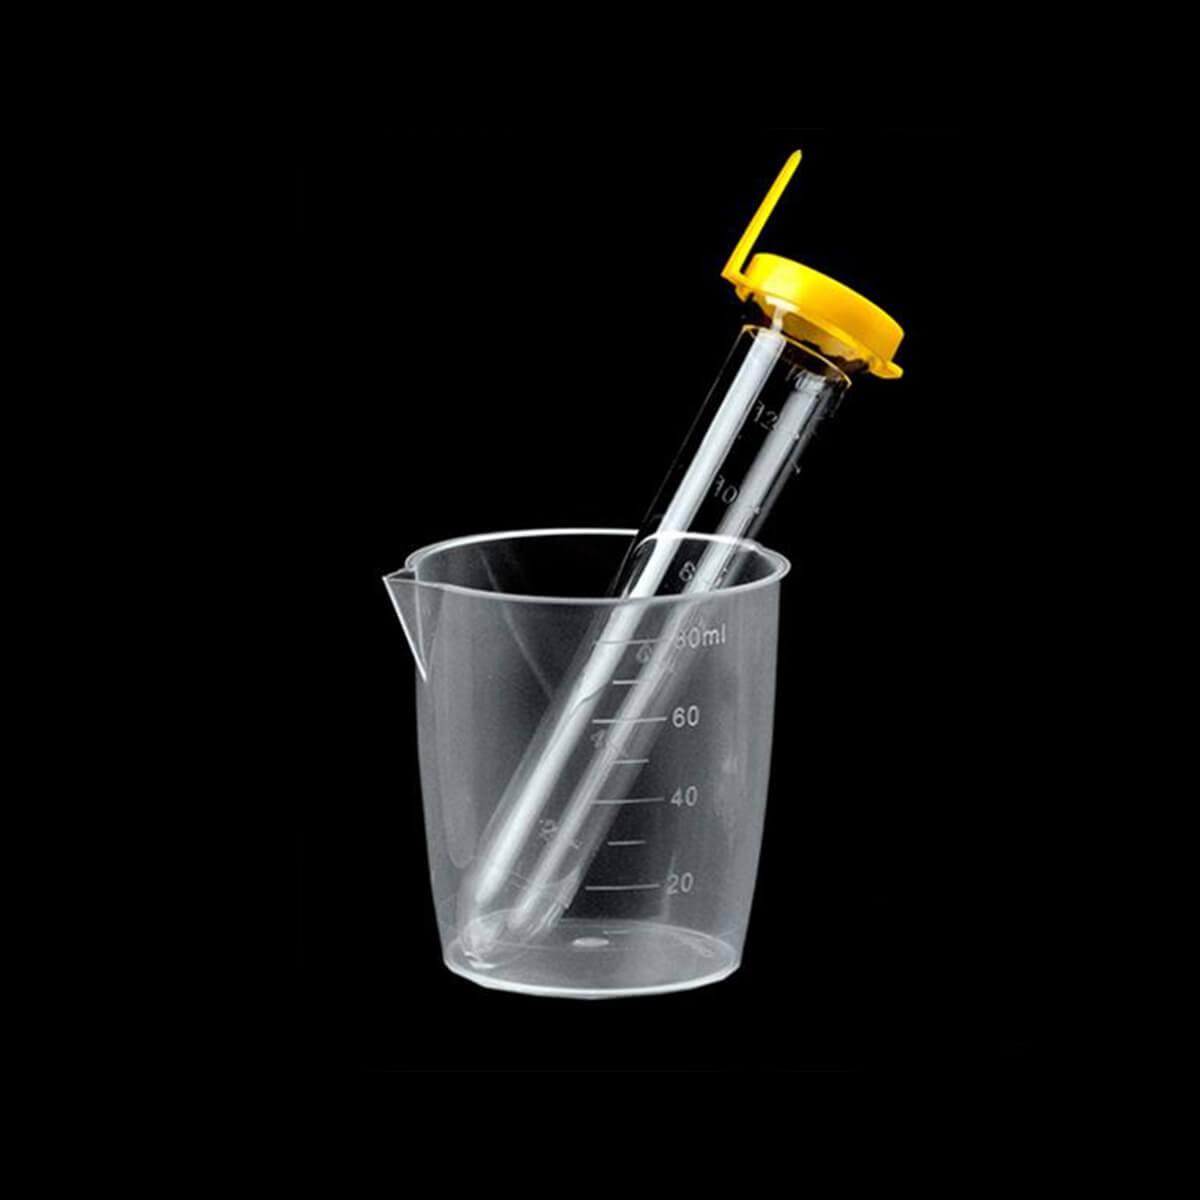 Kit de Urina Tubo Ps Manual/autom. 12ml Tampa Amarela Não Estéril